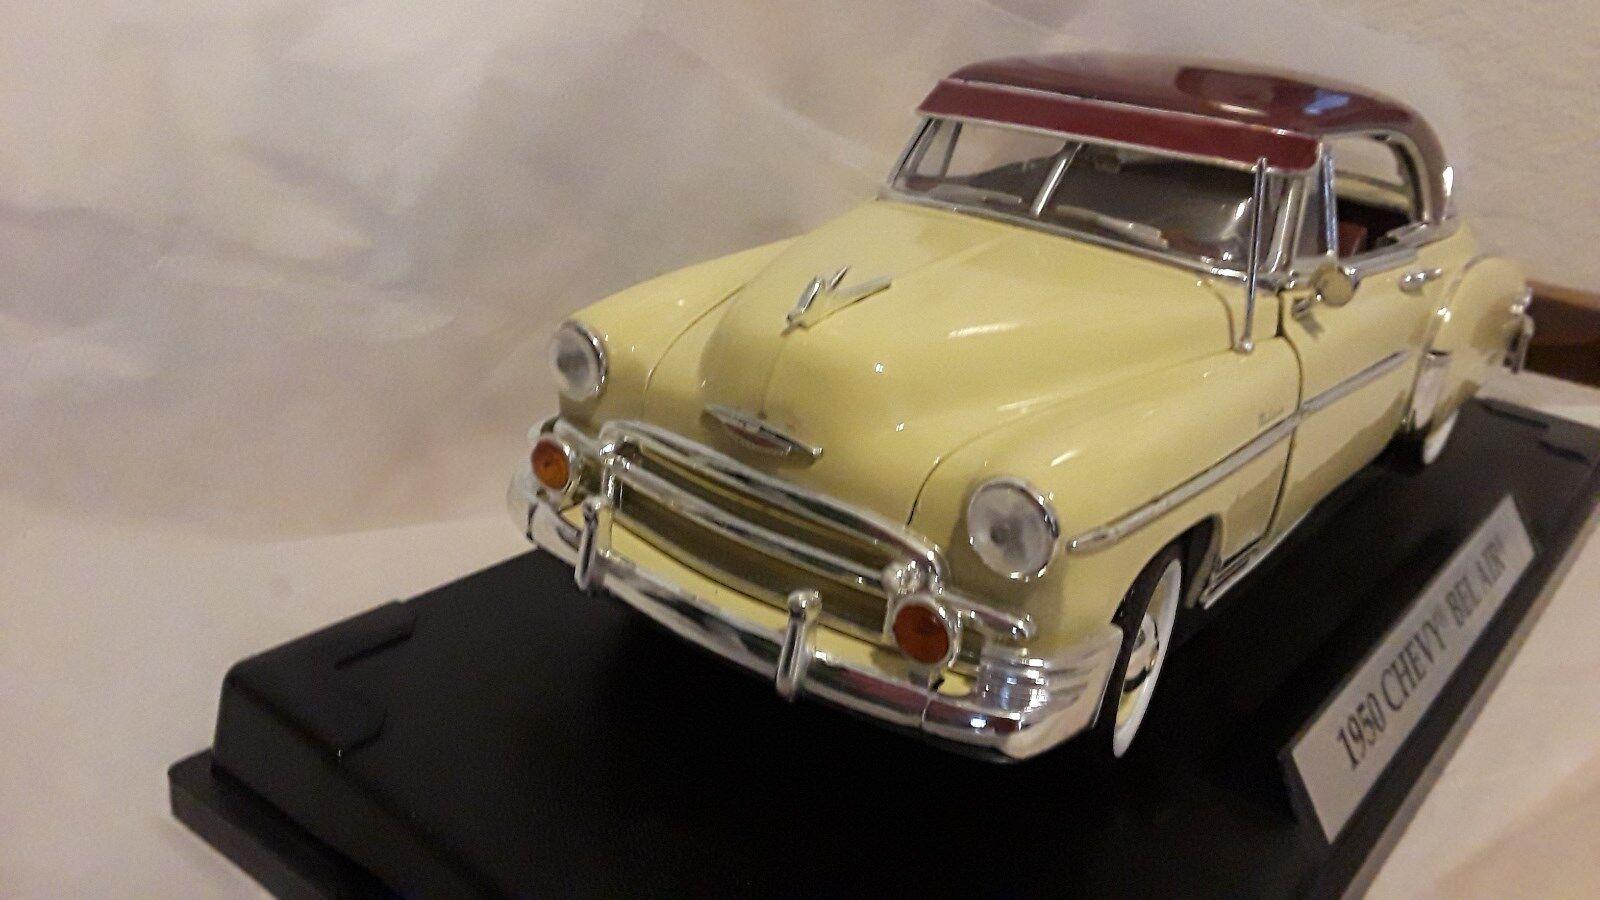 1950 Chevy Chevy Chevy Bel-Air rojo y crema por Motormax 1 18 escala Diecast - 73111 6cdd97